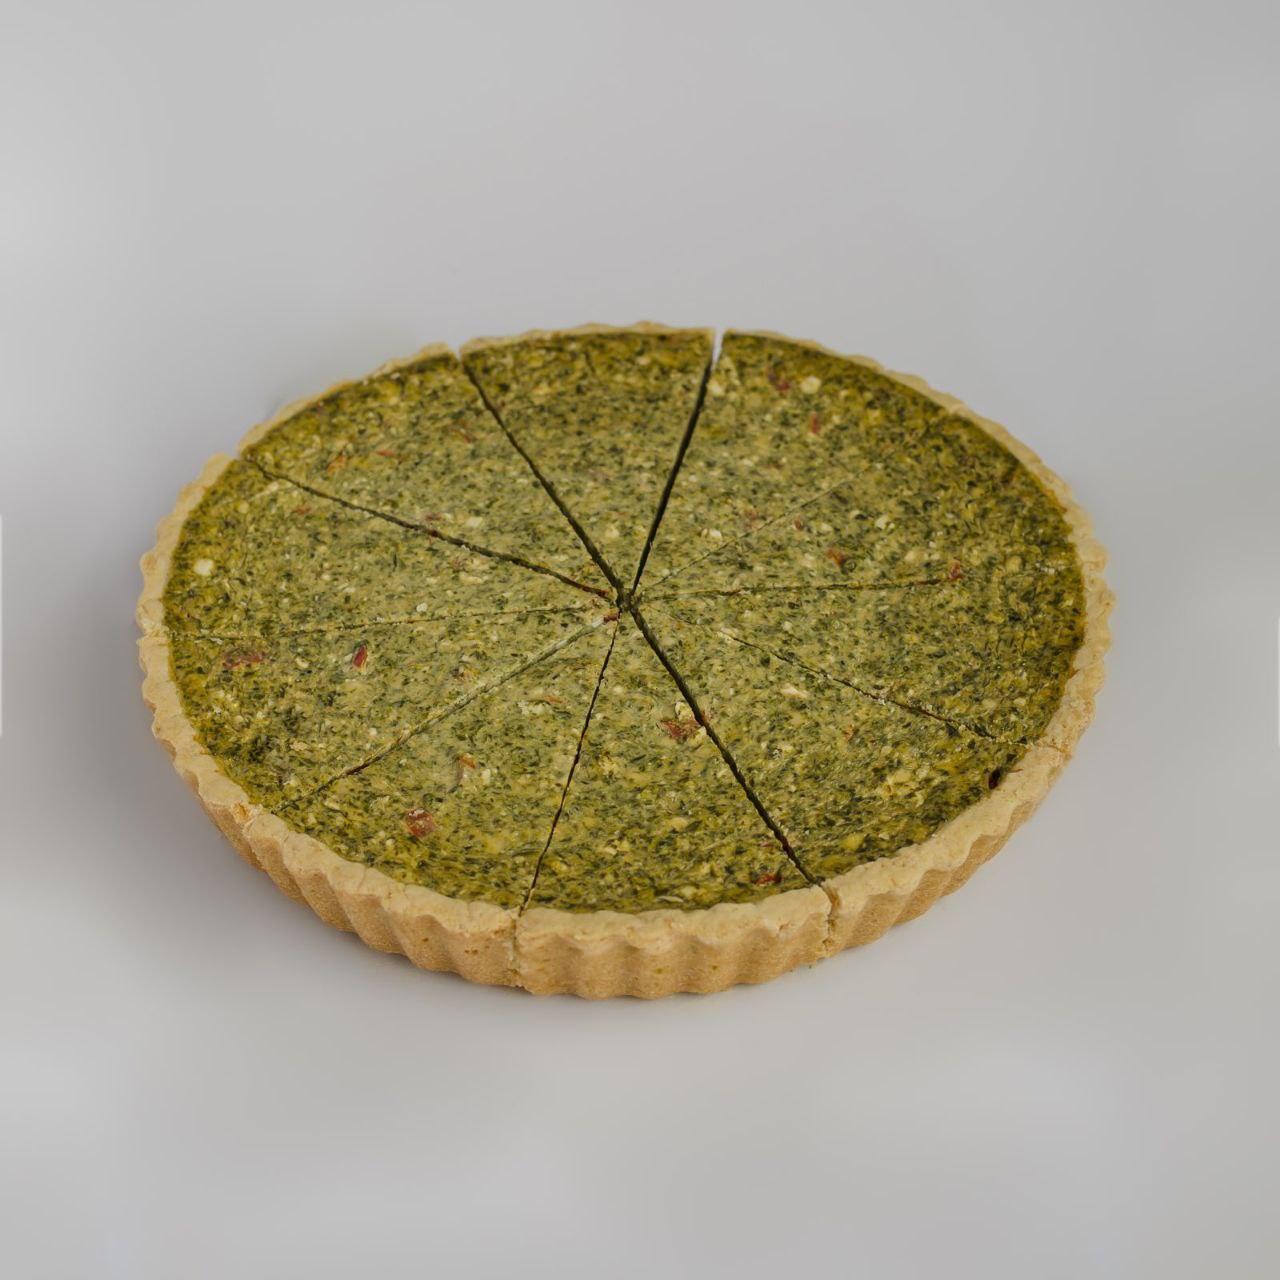 """Пиріг пісочний """"Кіш зі шпинатом"""" порційний, заморожений 0,800гр"""